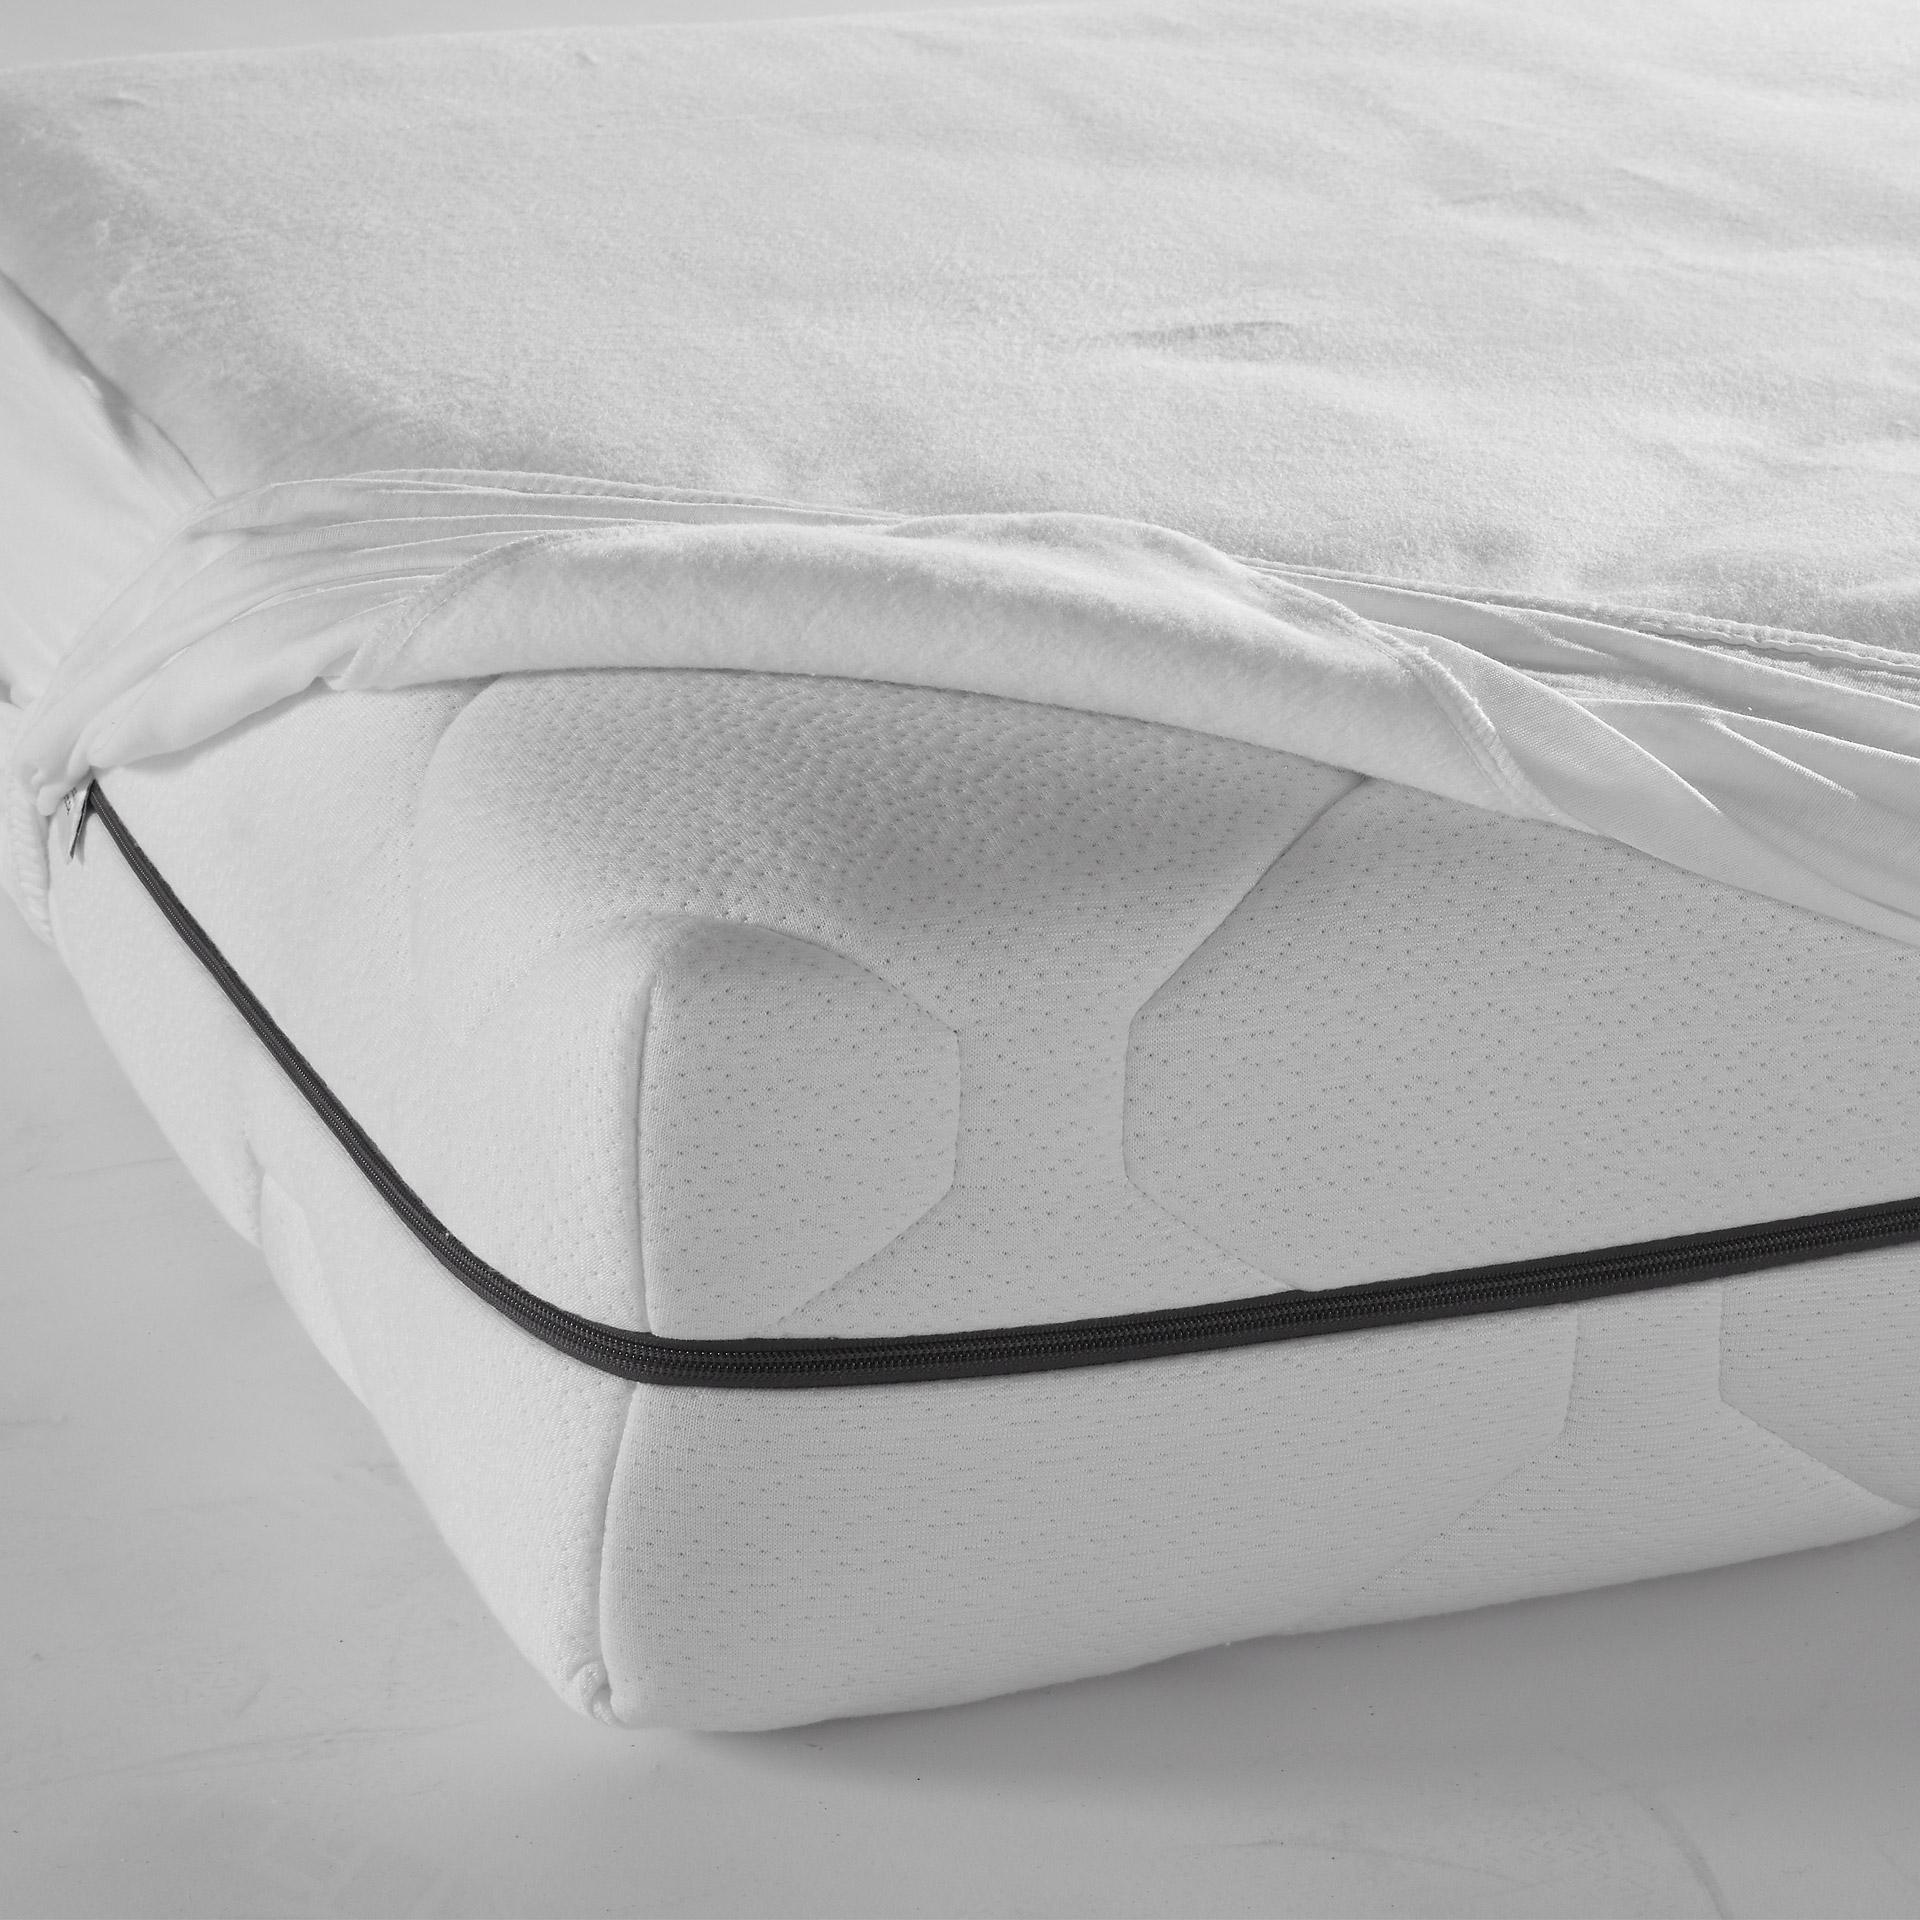 Molton-Matratzenauflage mit Rundum-Gummizug (120x200, kochfest)